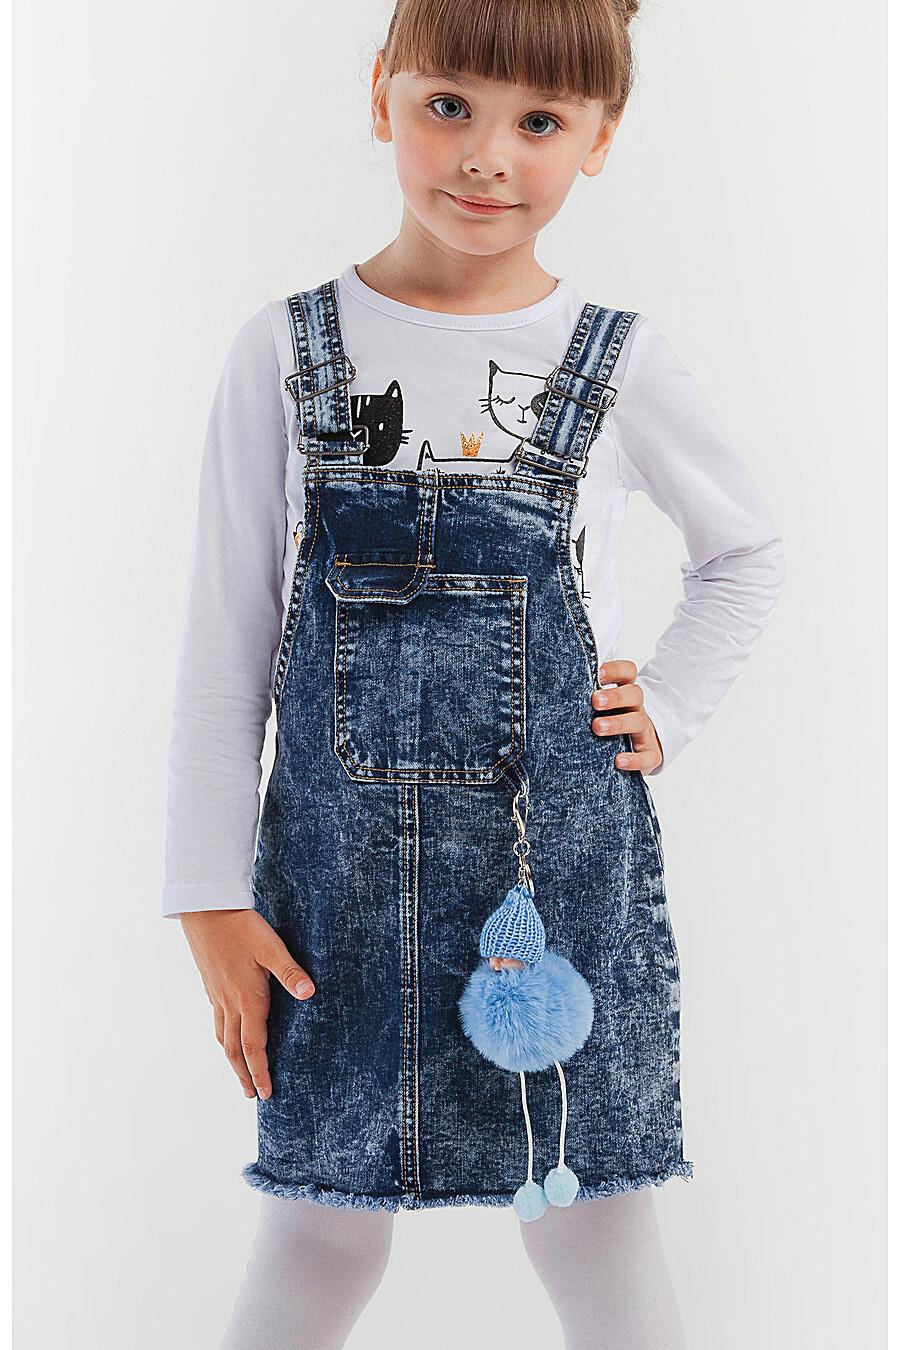 Сарафан для девочек PLAYTODAY 151873 купить оптом от производителя. Совместная покупка детской одежды в OptMoyo